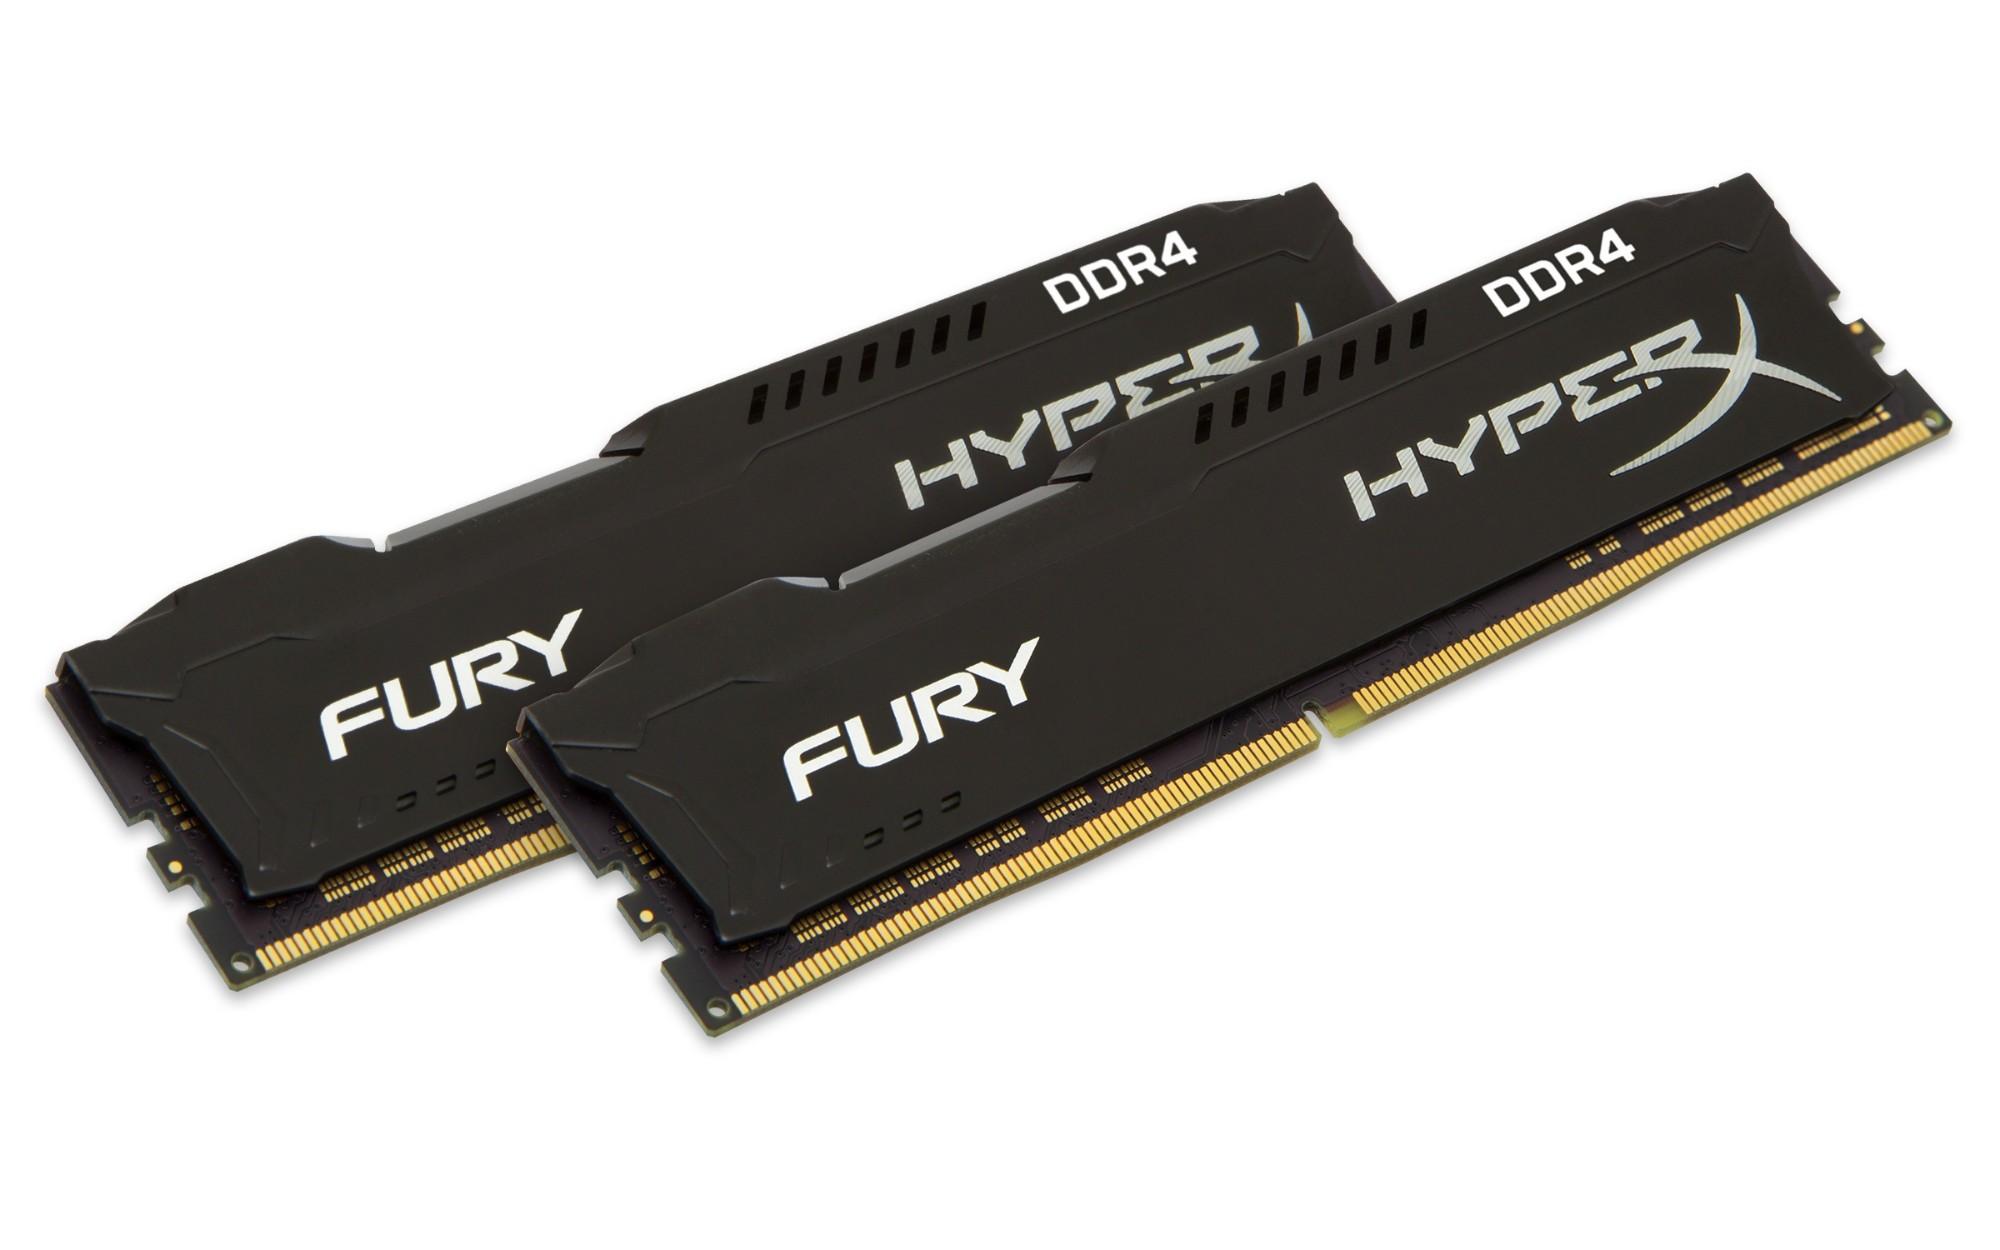 HyperX FURY Black 8GB DDR4 2400MHz Kit memory module